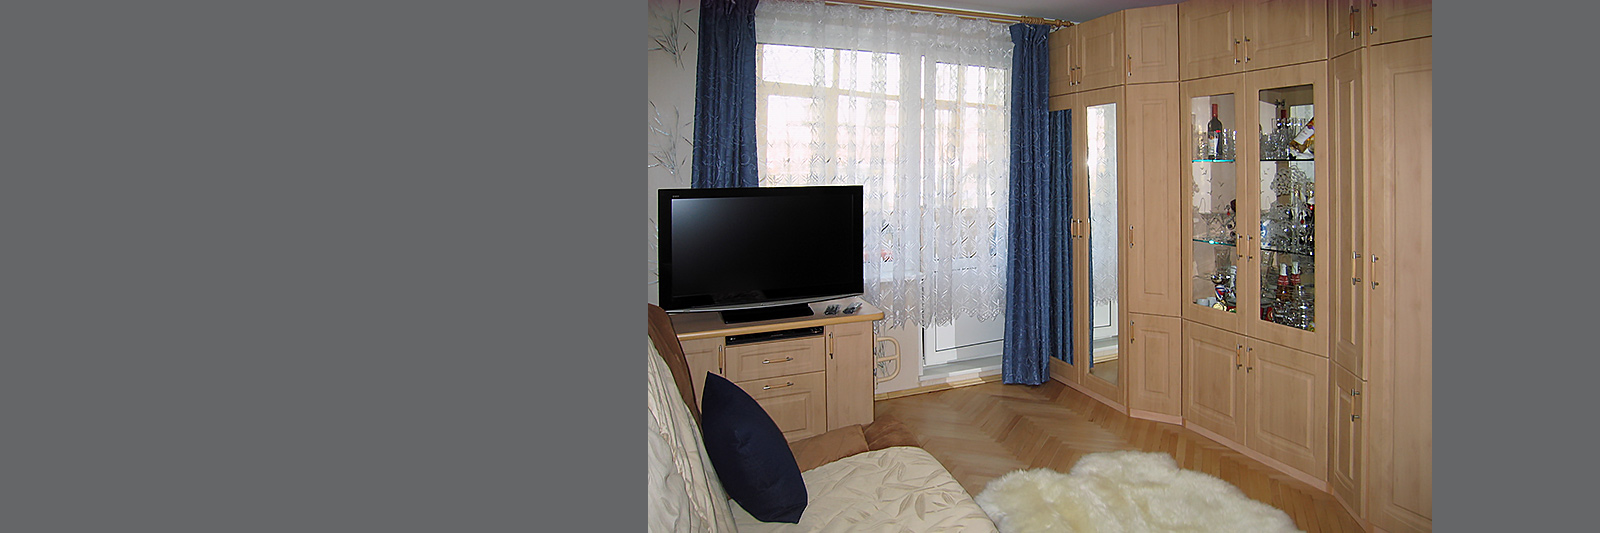 Модульная мебель для гостиной на заказ с фасадами из МДФ